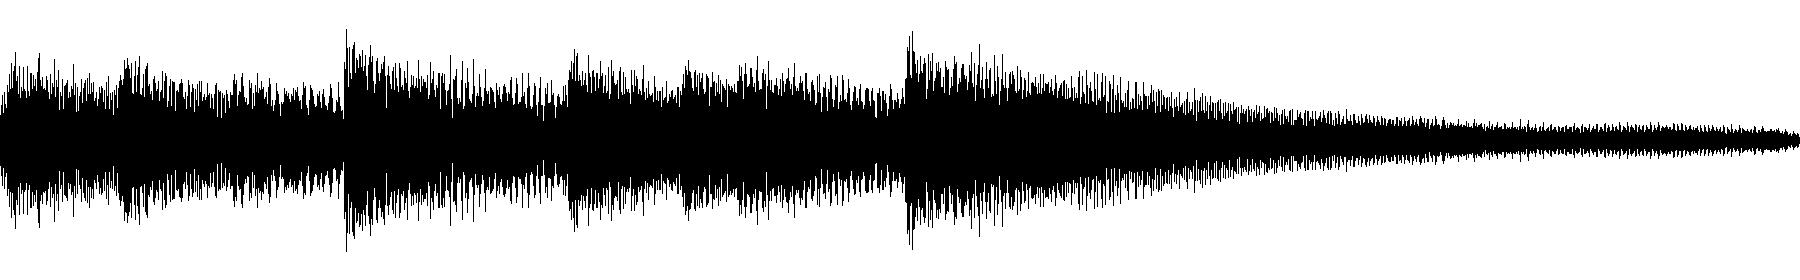 90 f piano vkeys 03 2